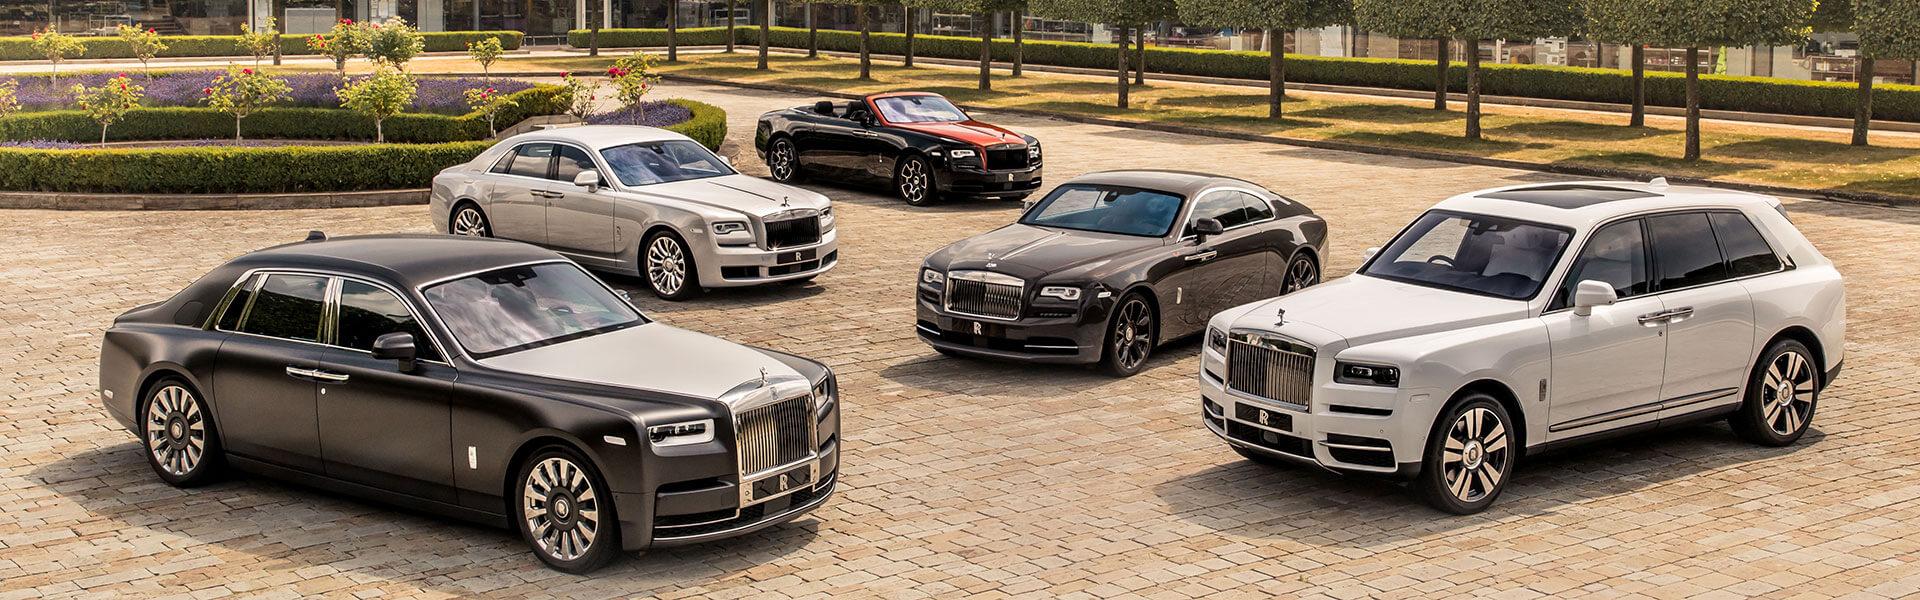 Rolls-Royce Modelle